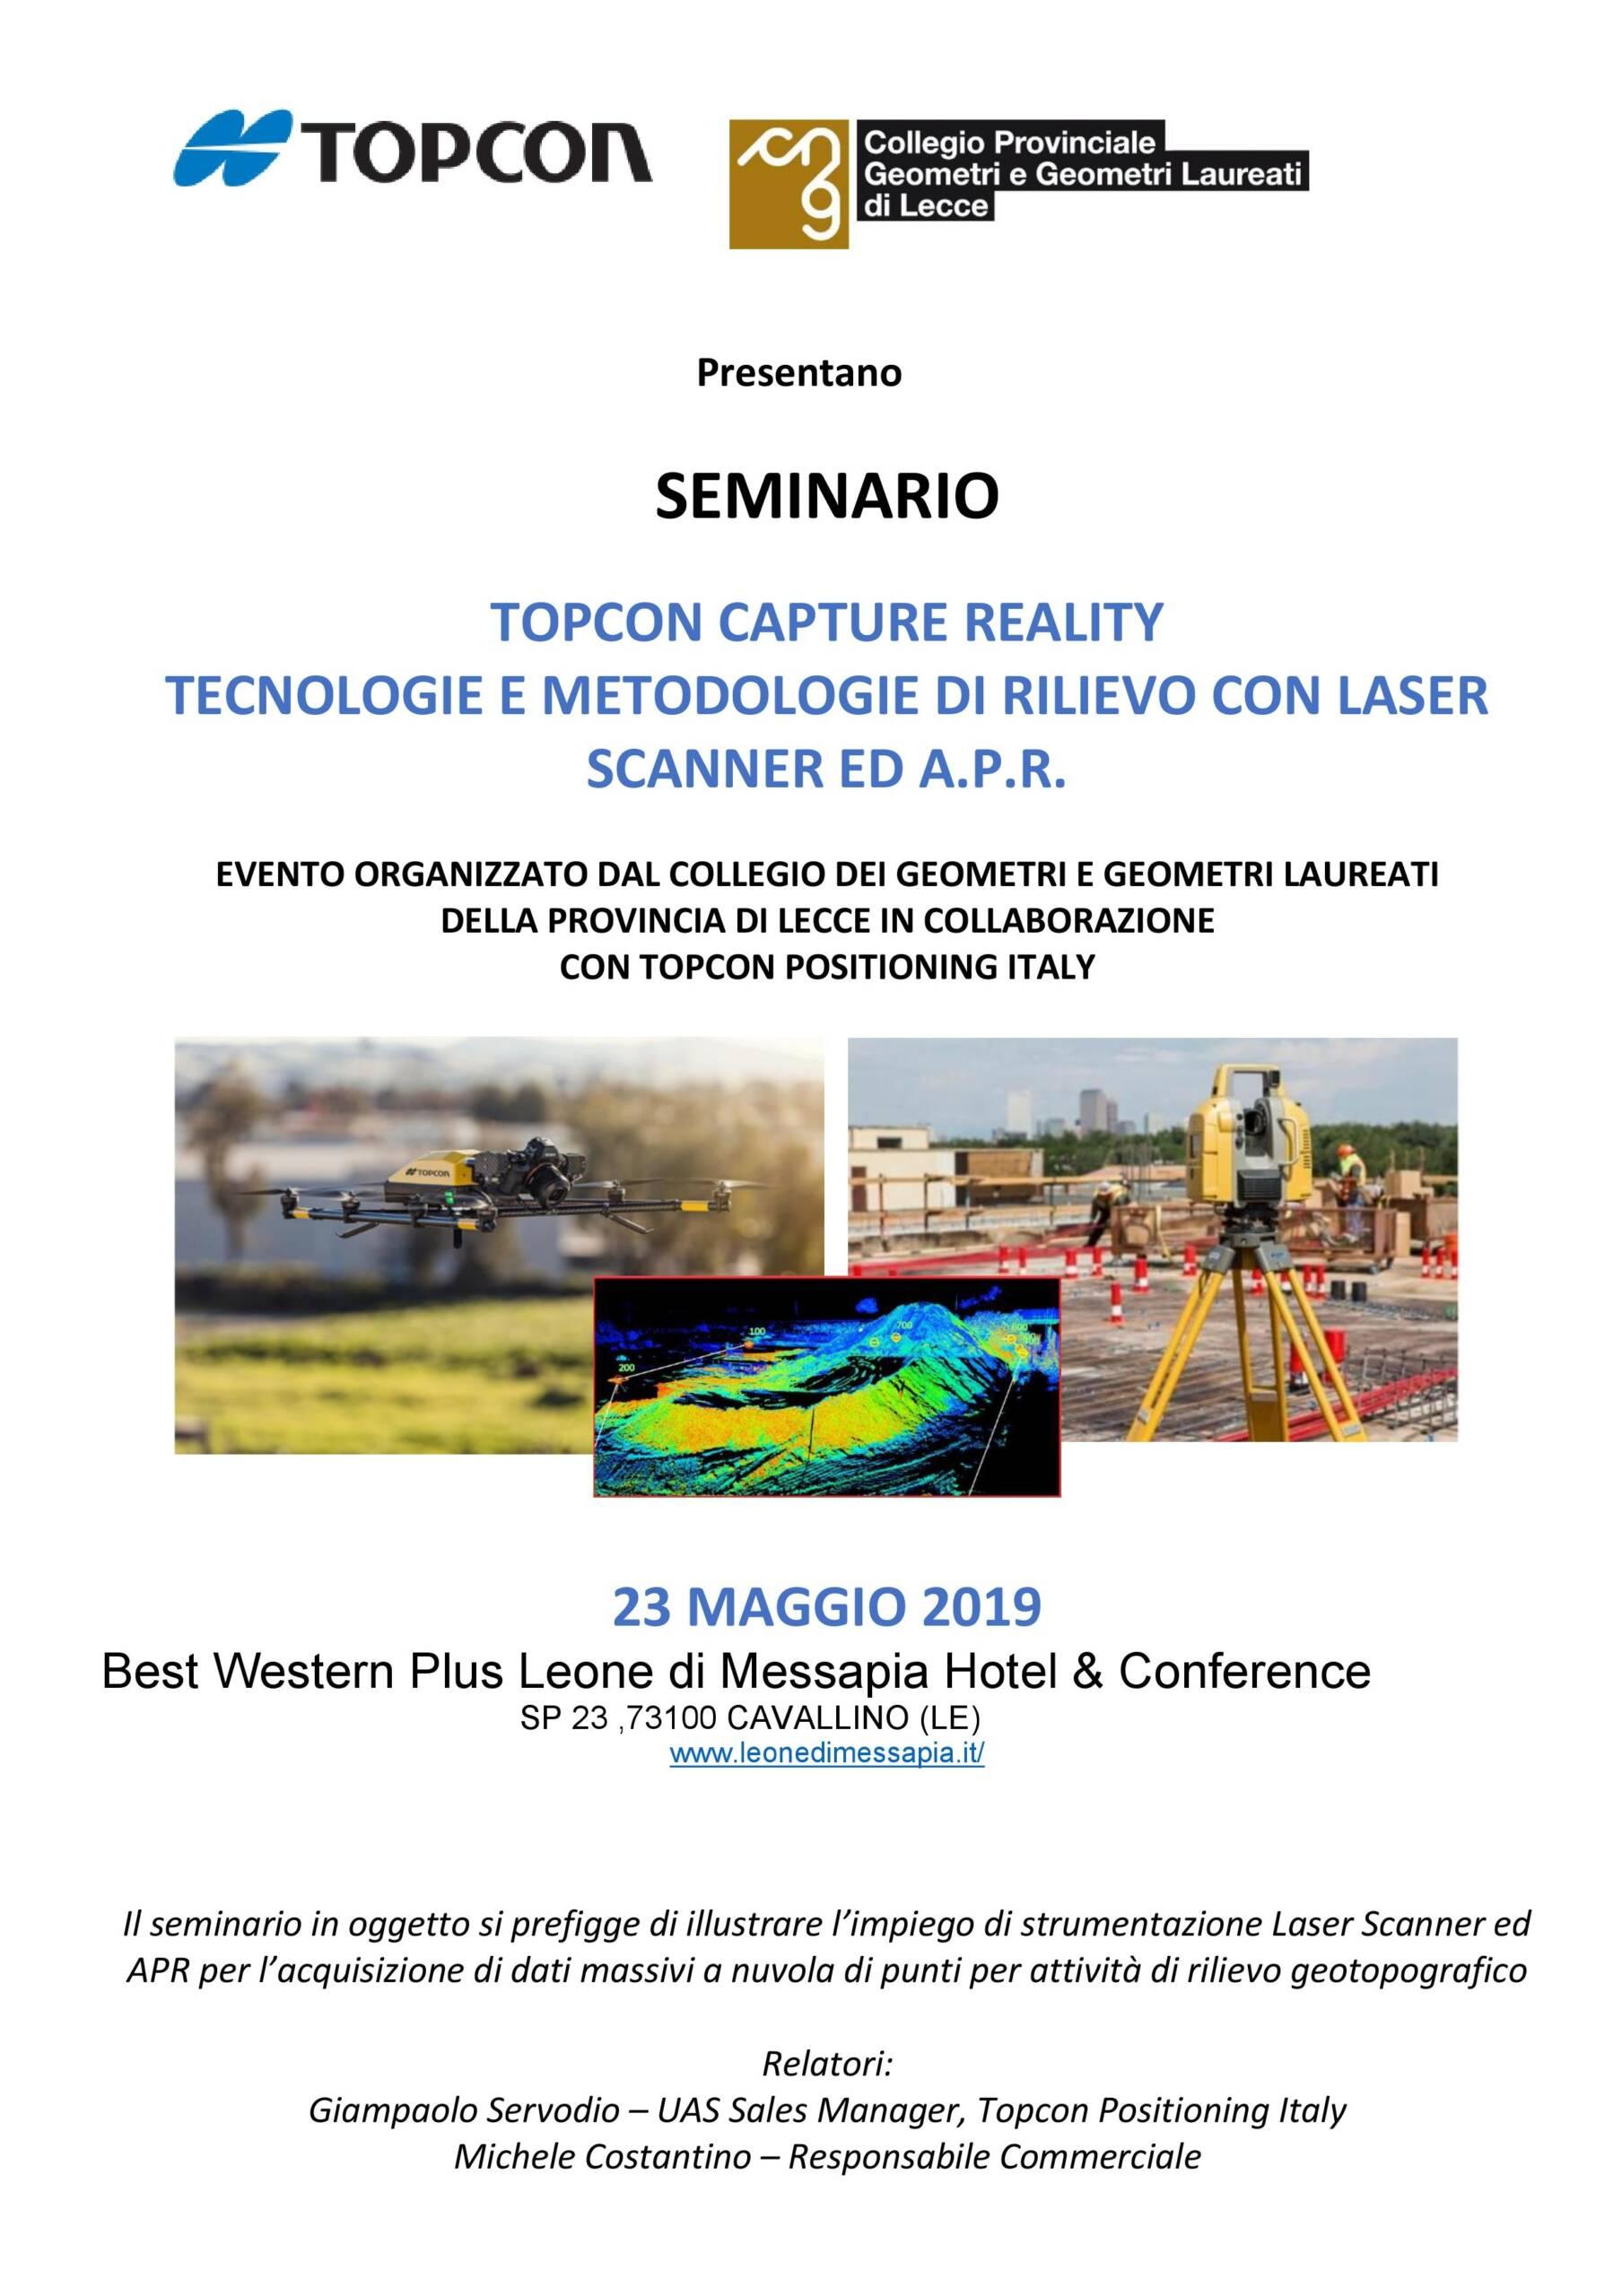 Seminario TOPCON CAPTURE REALITY – TECNOLOGIE E METODOLOGIE DI RILIEVO CON LASER SCANNER ED A.P.R. – Lecce 23/05/2019